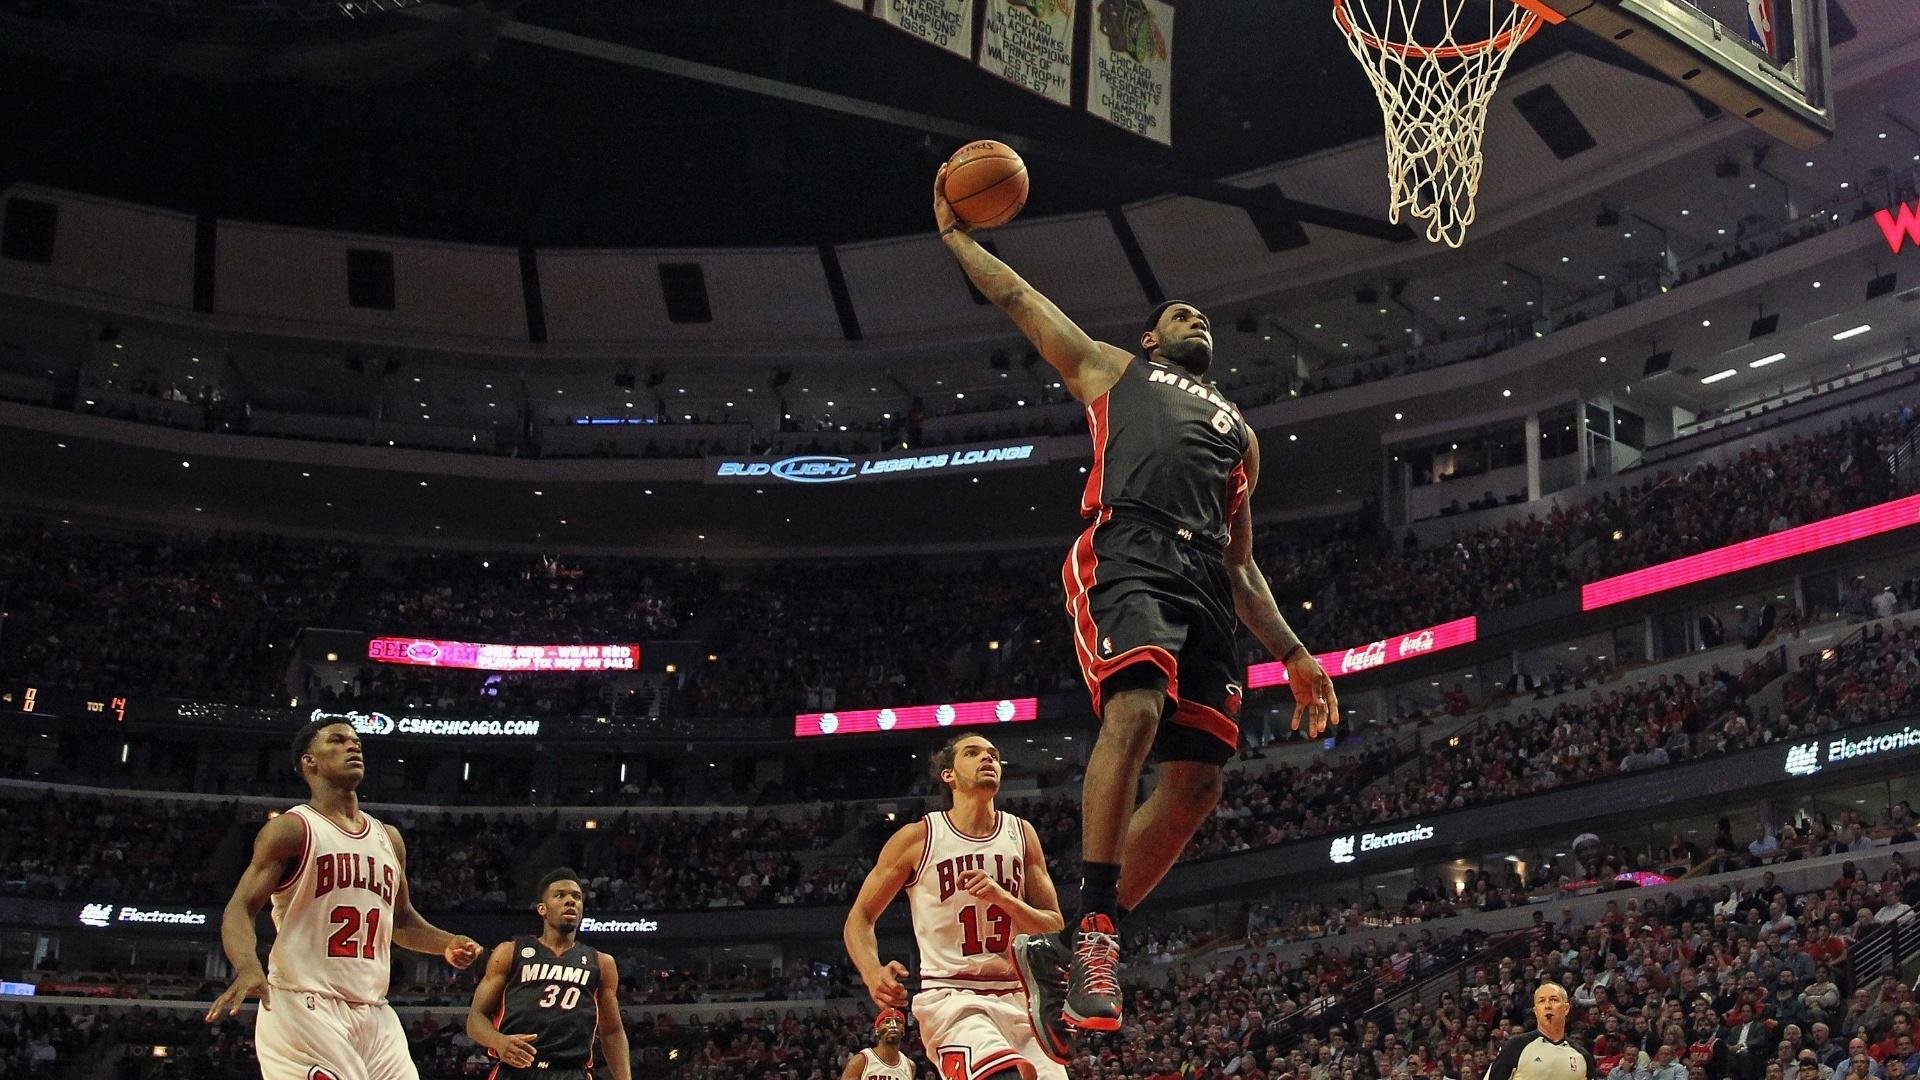 13.mai.2013 - LeBron James converte enterrada para o Miami Heat na vitória sobre o Chicago Bulls